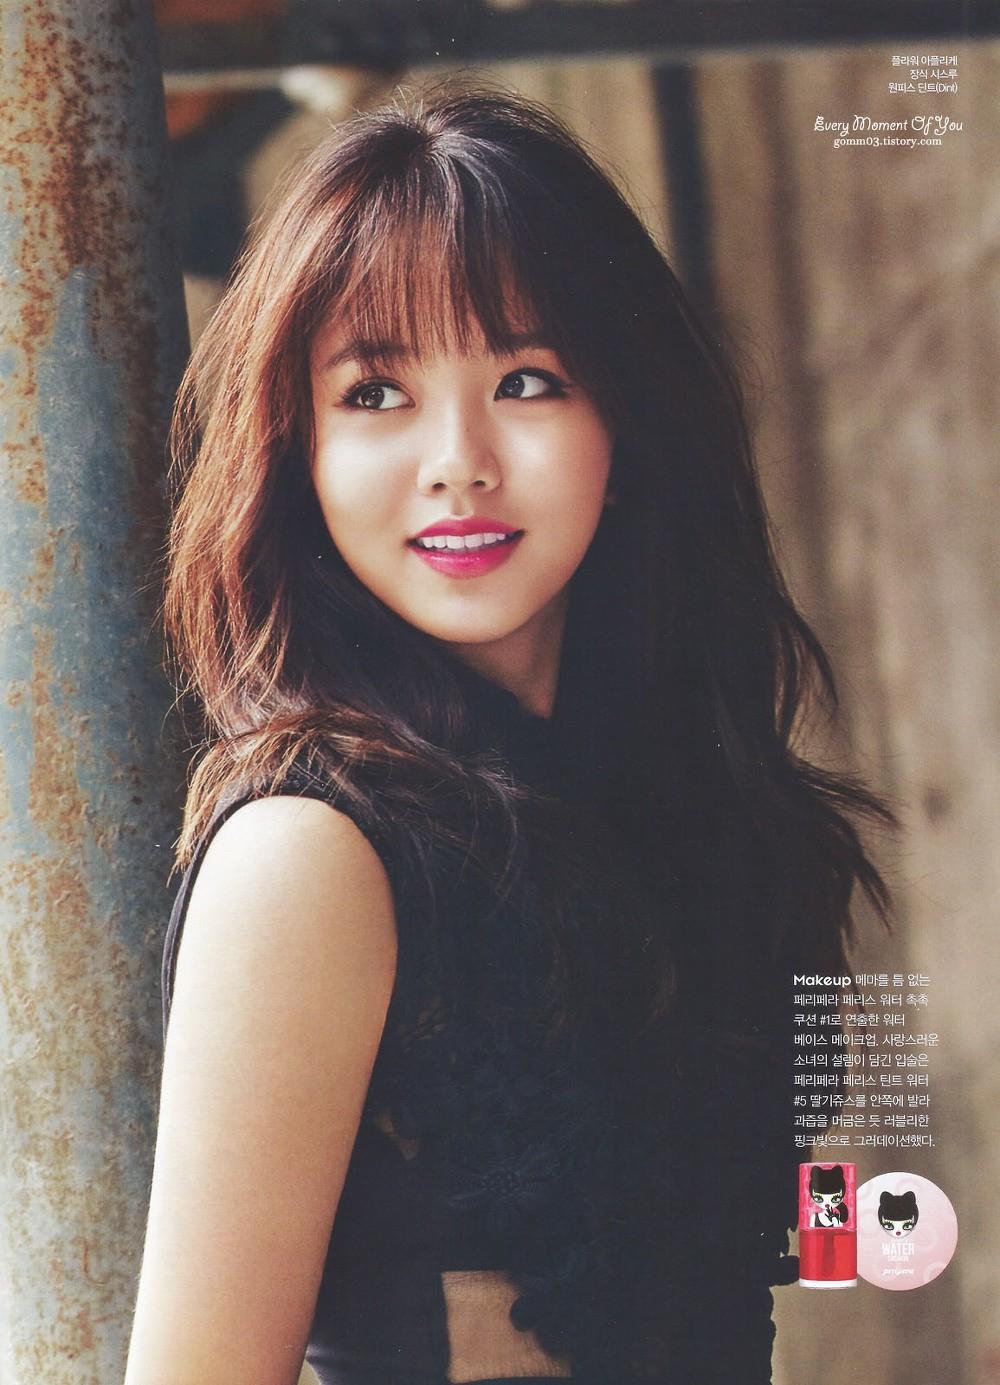 2 nữ thần nhí một thời Kim Yoo Jung và Kim So Hyun dậy thì: Quá xuất sắc, đẹp đến mức khó chọn ai nhỉnh hơn - Ảnh 24.